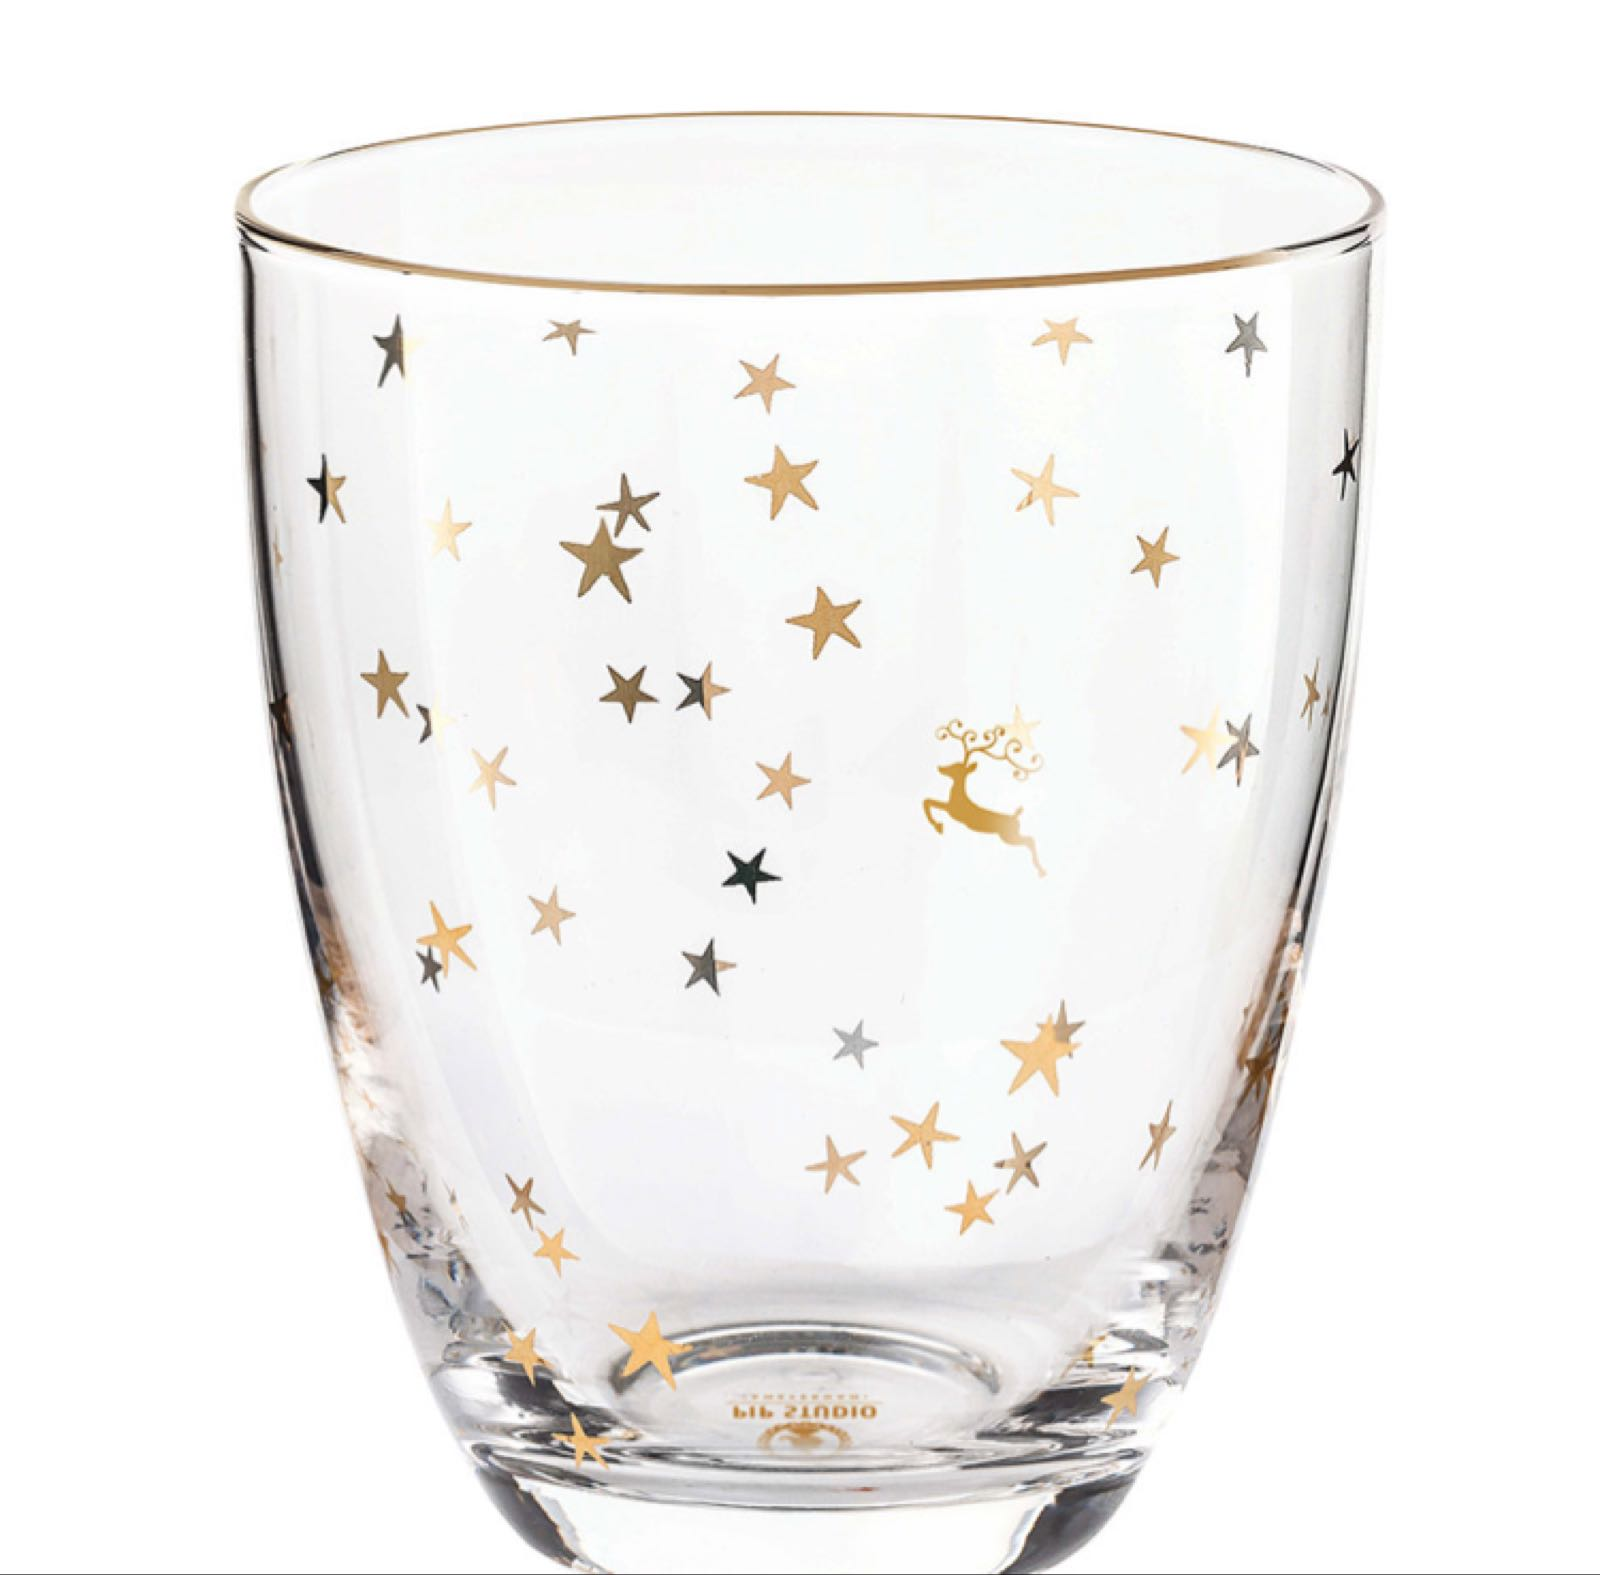 Pip studio Christmas water glass